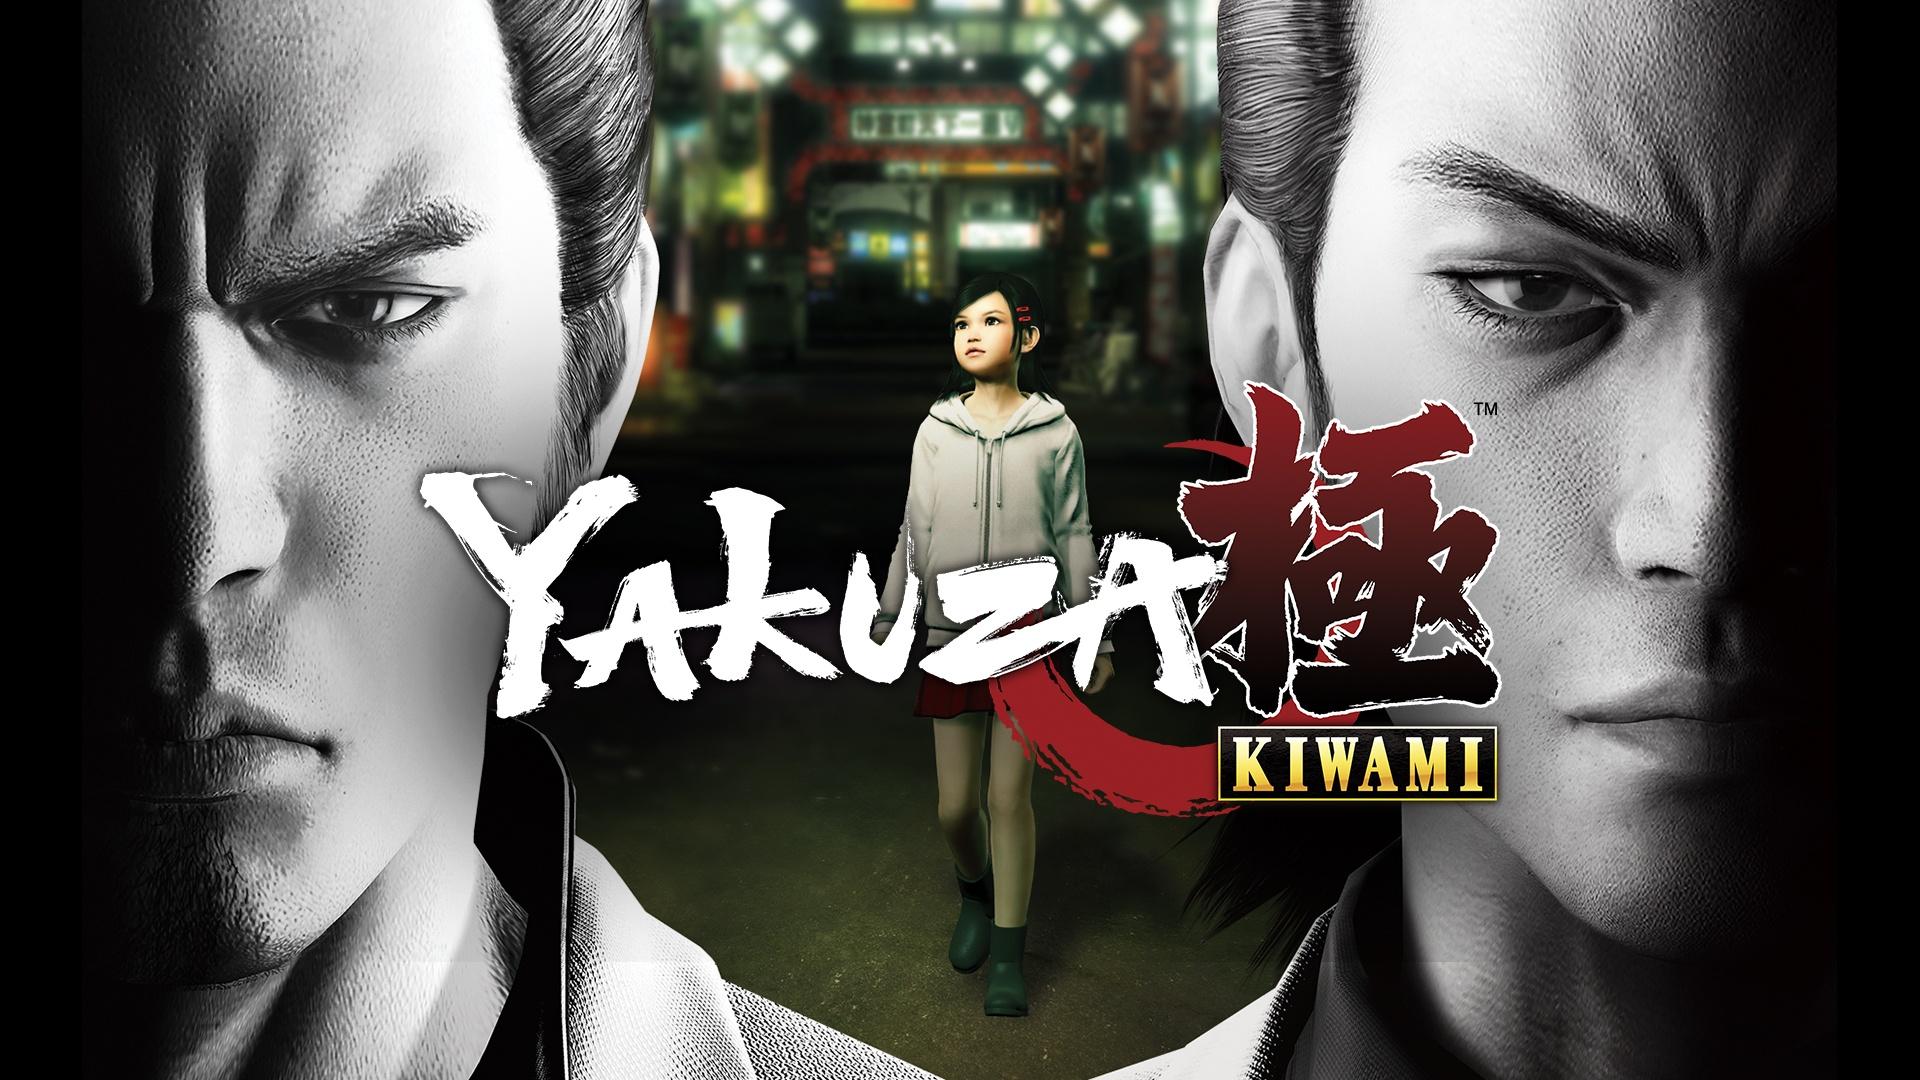 Female Goro Majima Yakuza In 2019 Character Design